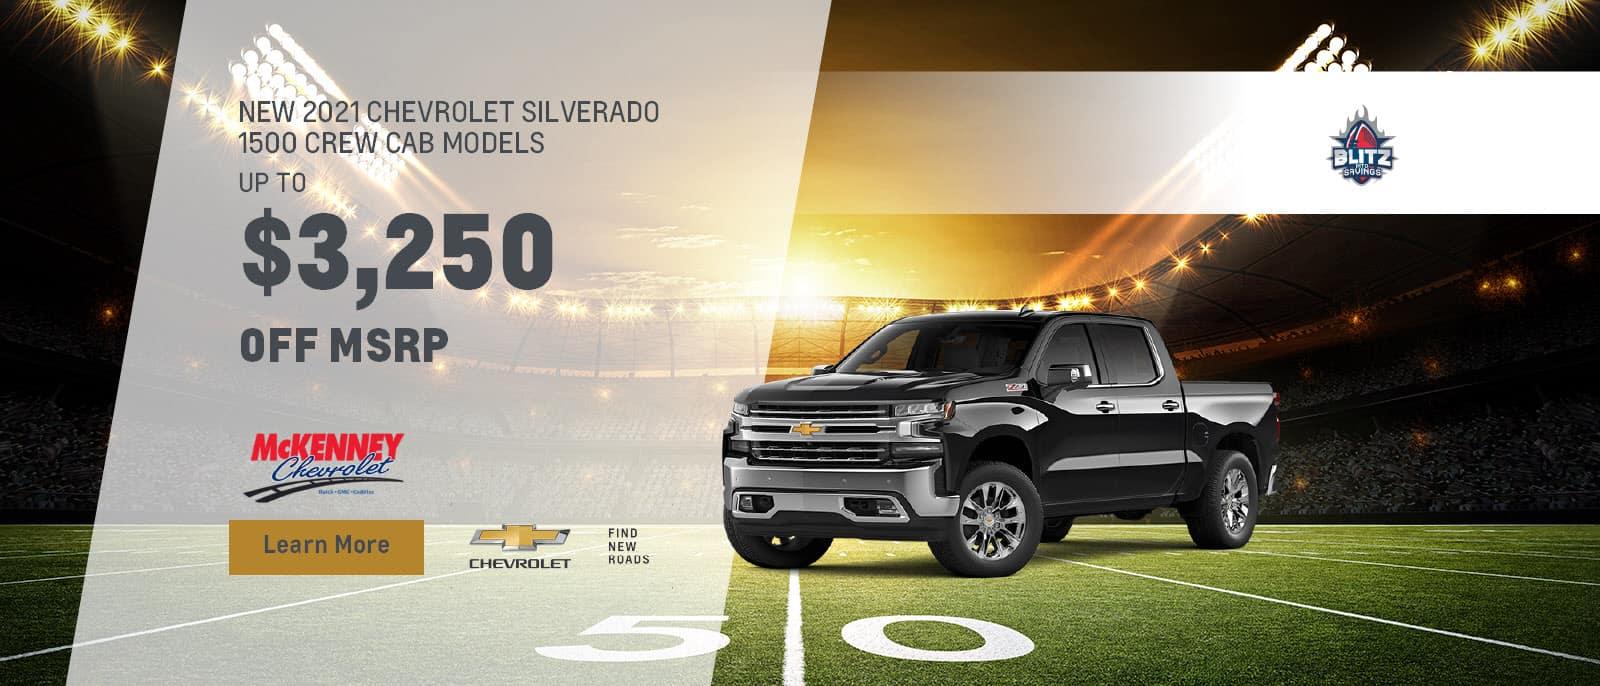 2021 Chevrolet Silverado 1500 Crew Cab Models